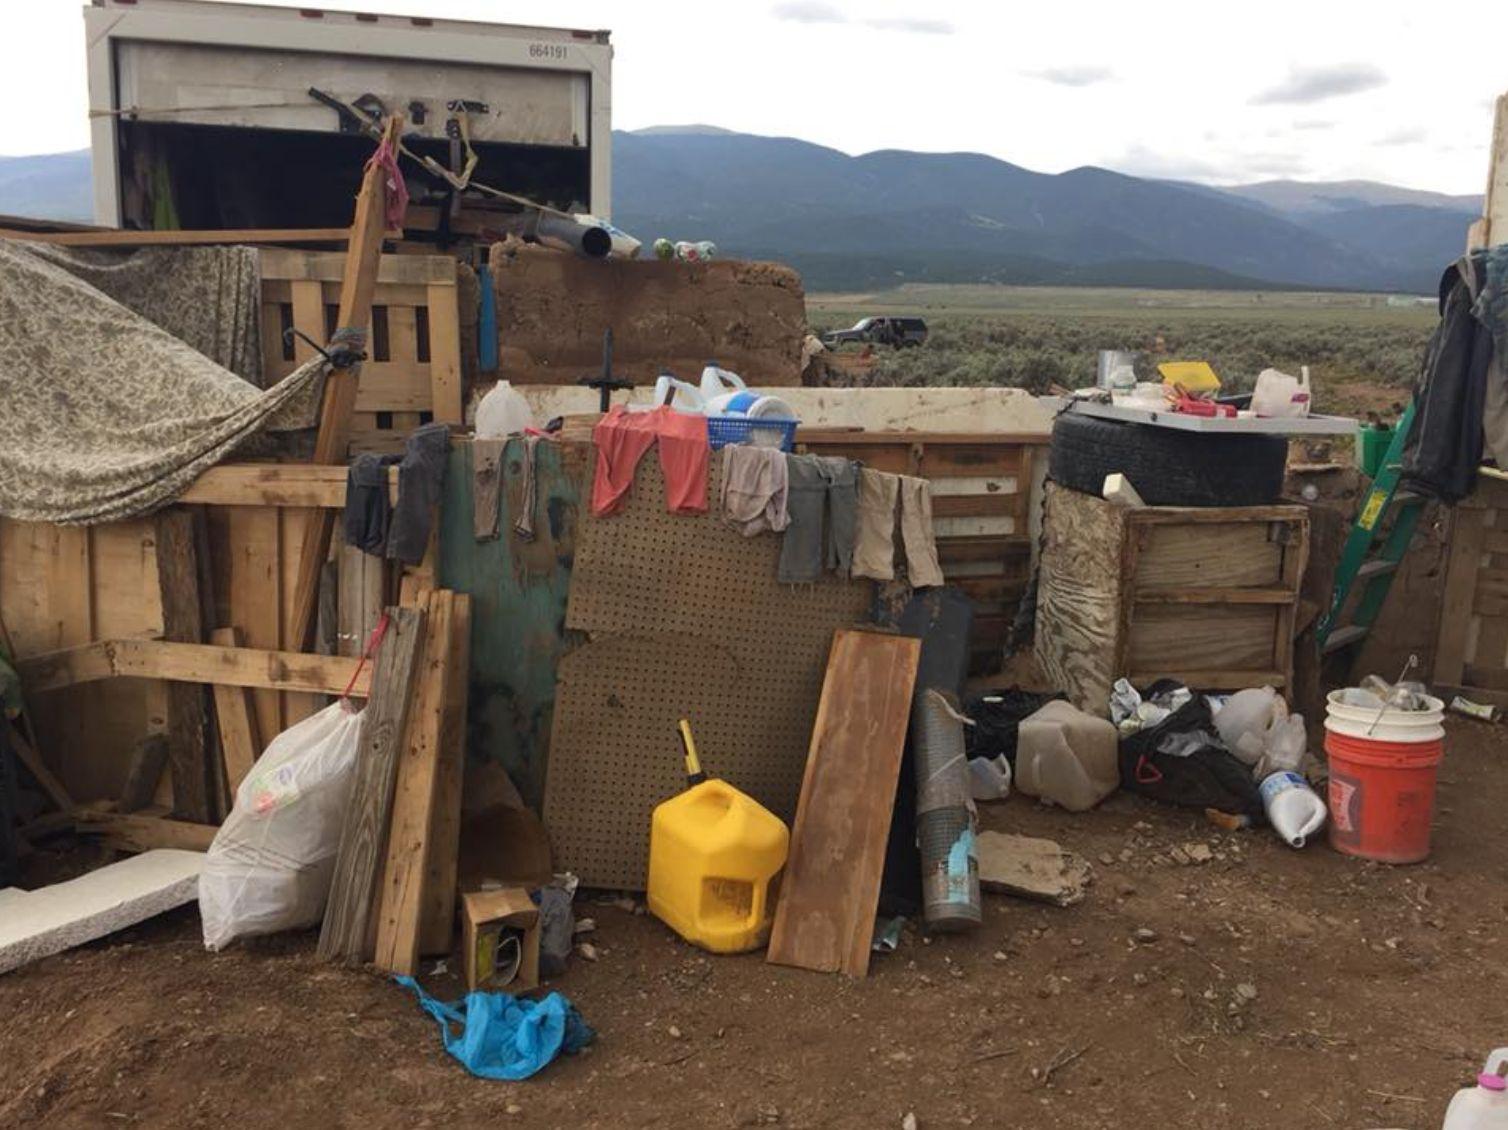 Eleven malnourished children were found at a compound buried underground in New Mexico last